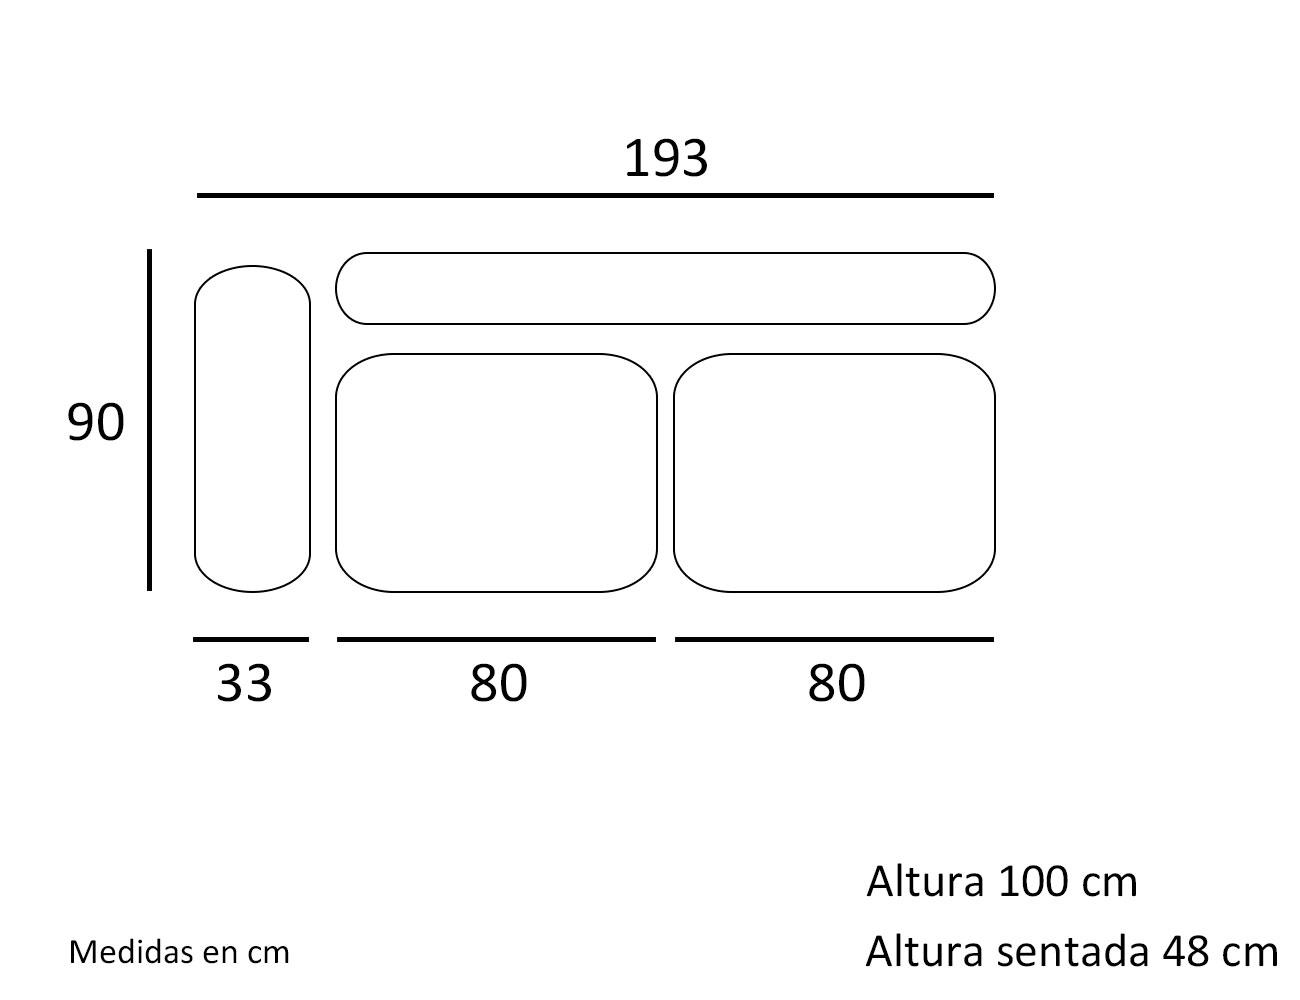 Croquis modulo 2 plazas con 1 brazo 193